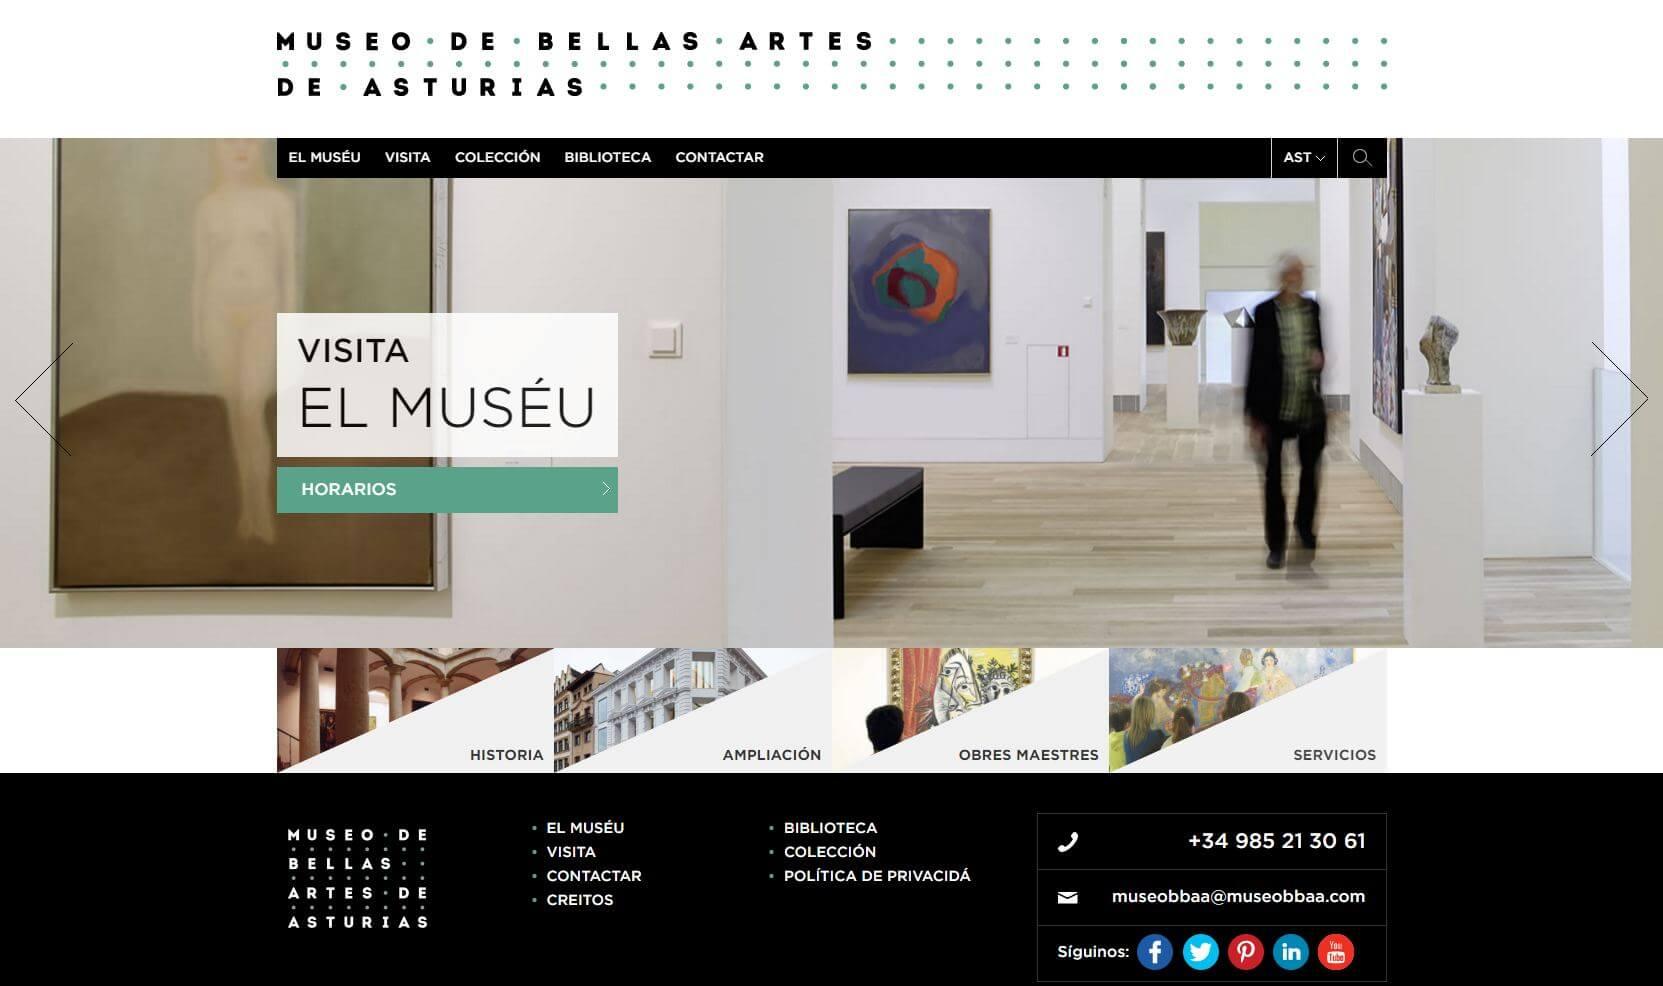 El Museo de Bellas Artes de Asturias estrena web en asturiano coincidiendo con el Día de les Lletres Asturianes